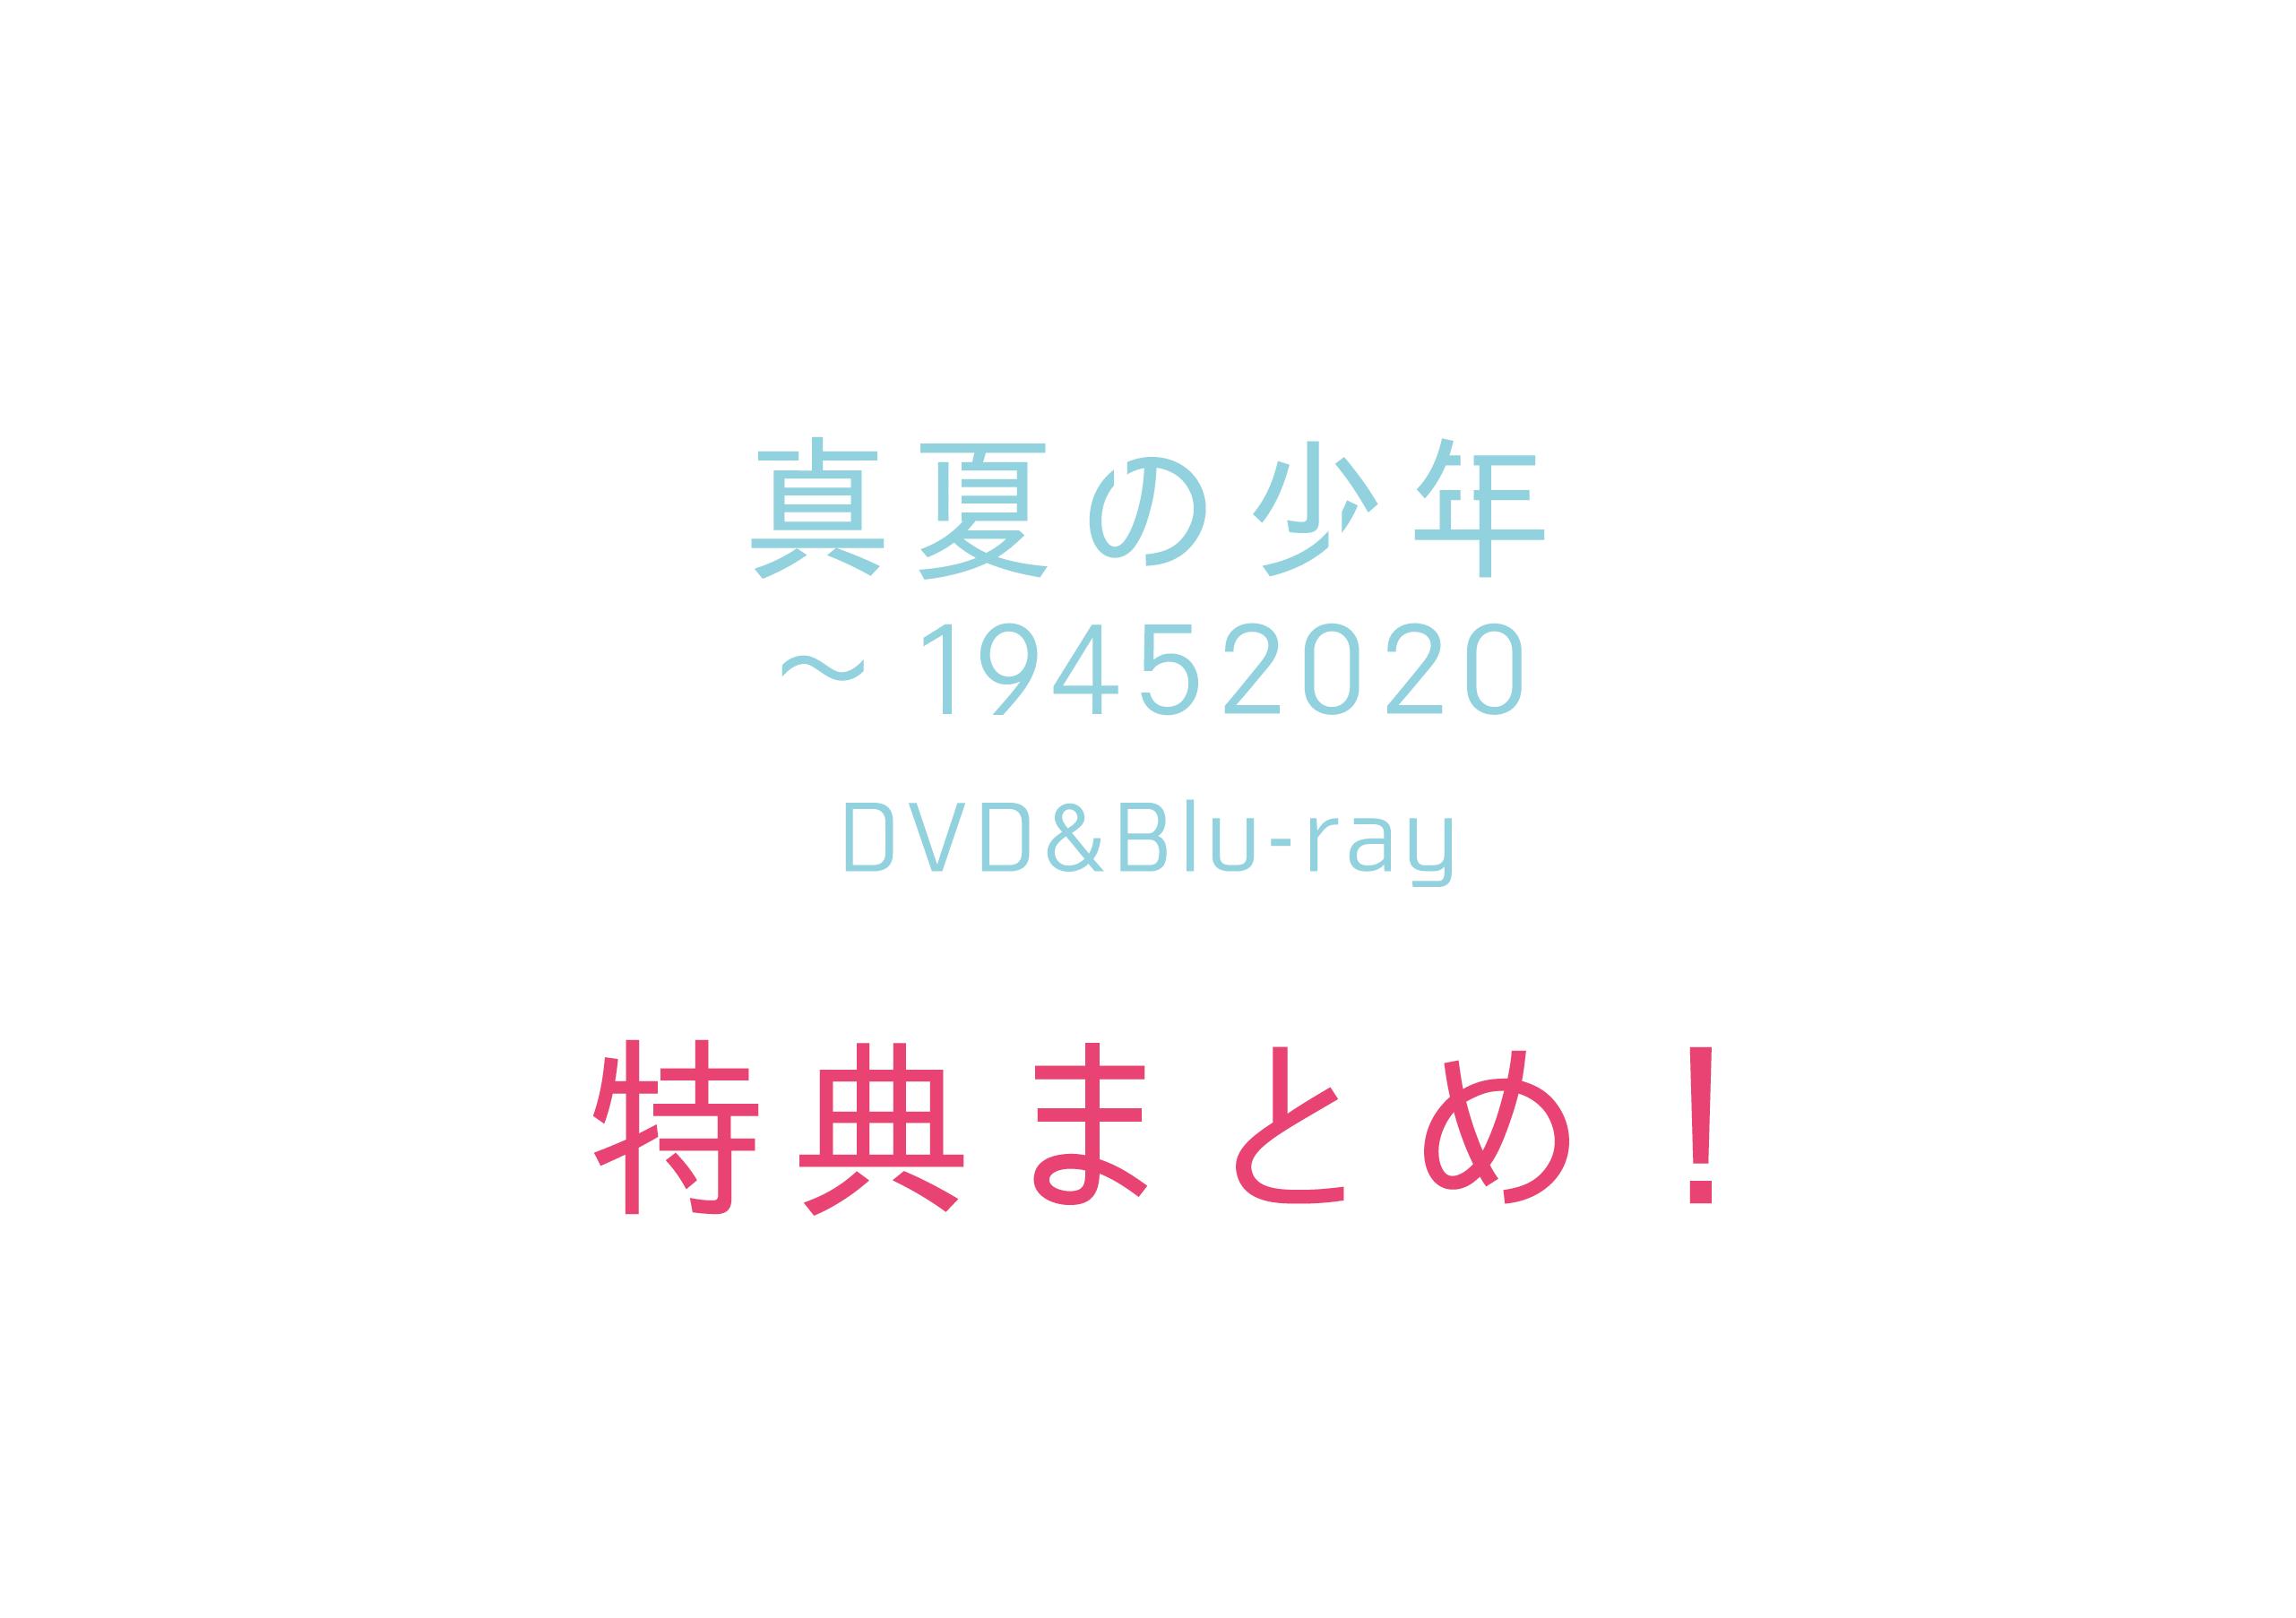 真夏の少年~19452020 Blu-ray&DVD 特典まとめ